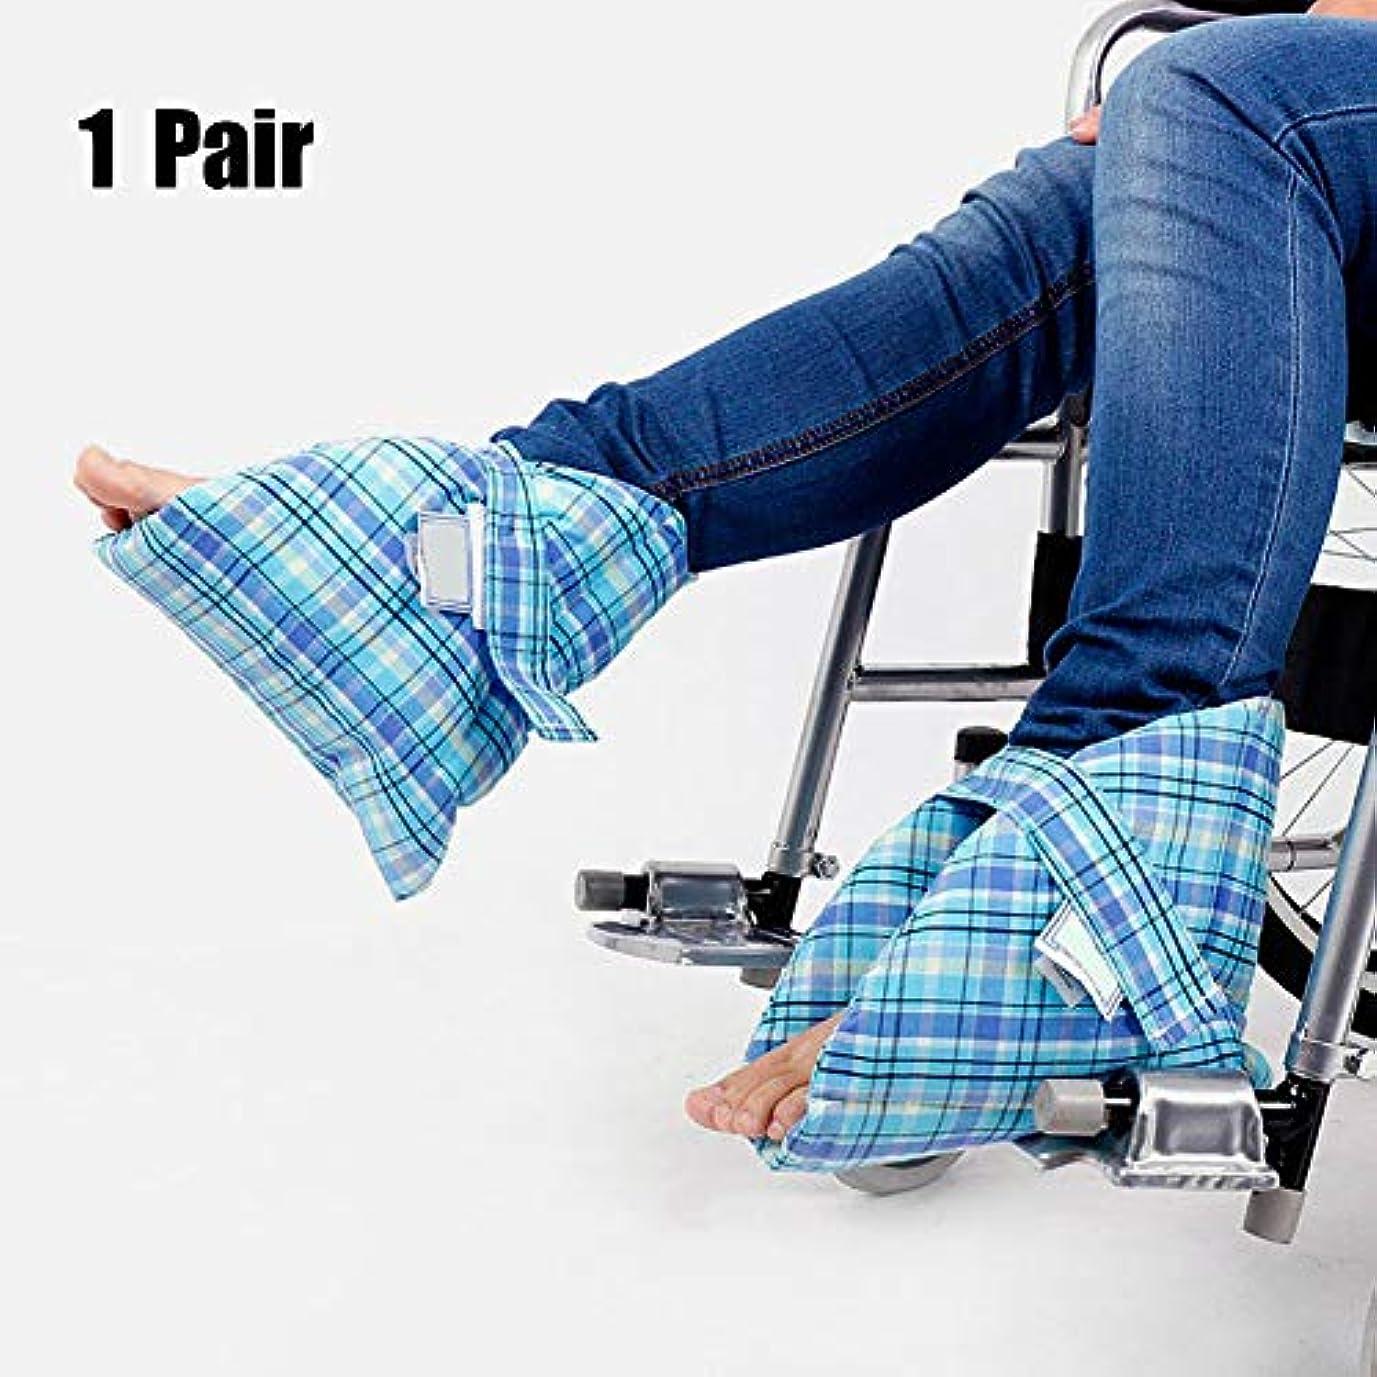 アスリート組み合わせ彼らの足枕かかと保護パッド、効果的なpressure瘡とかかと潰瘍の軽減、腫れた足に非常に適した、快適なかかと保護足枕、ペア